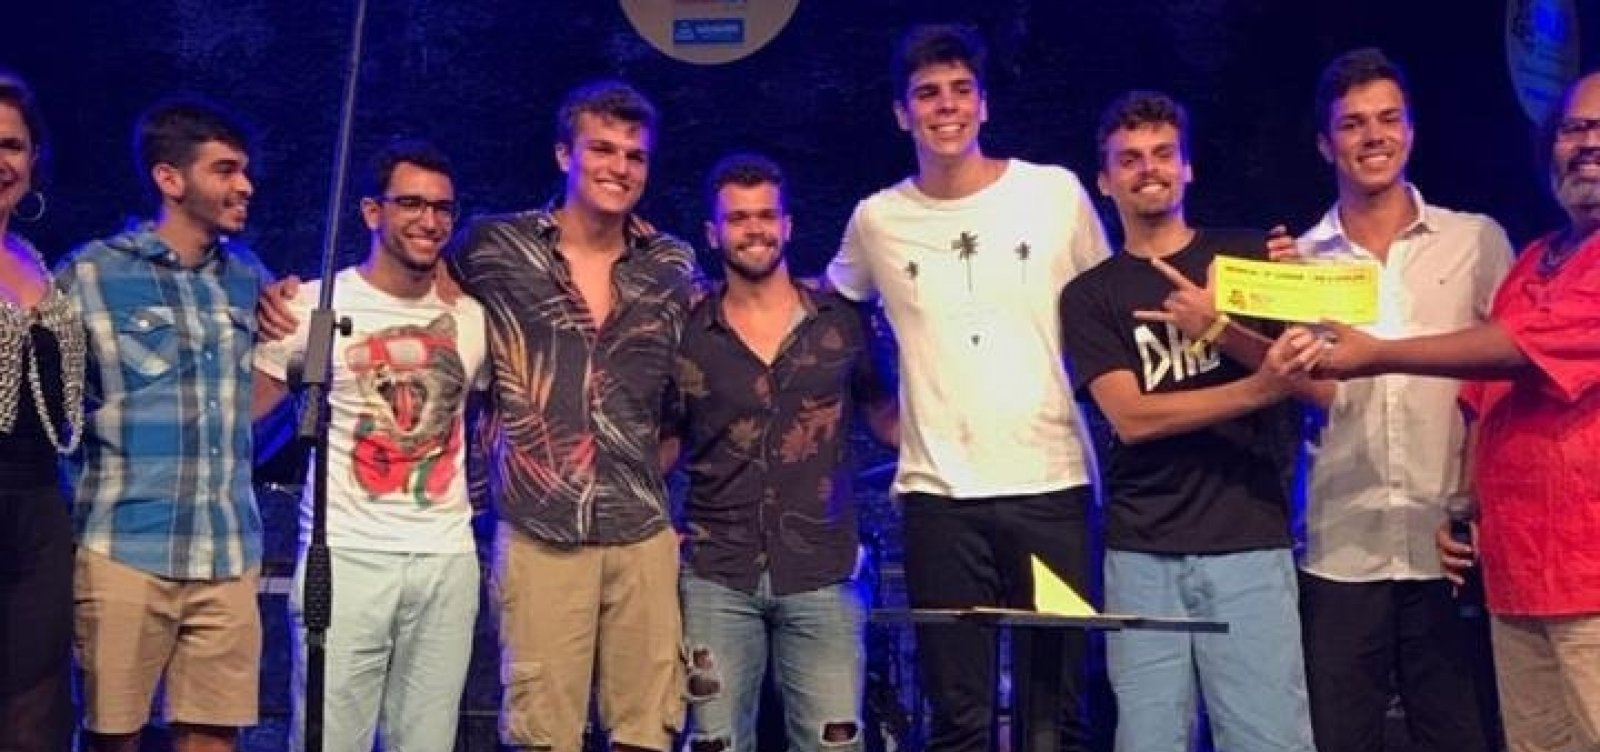 [Banda DH8 conquista prêmio no Festival Universitário de Salvador]